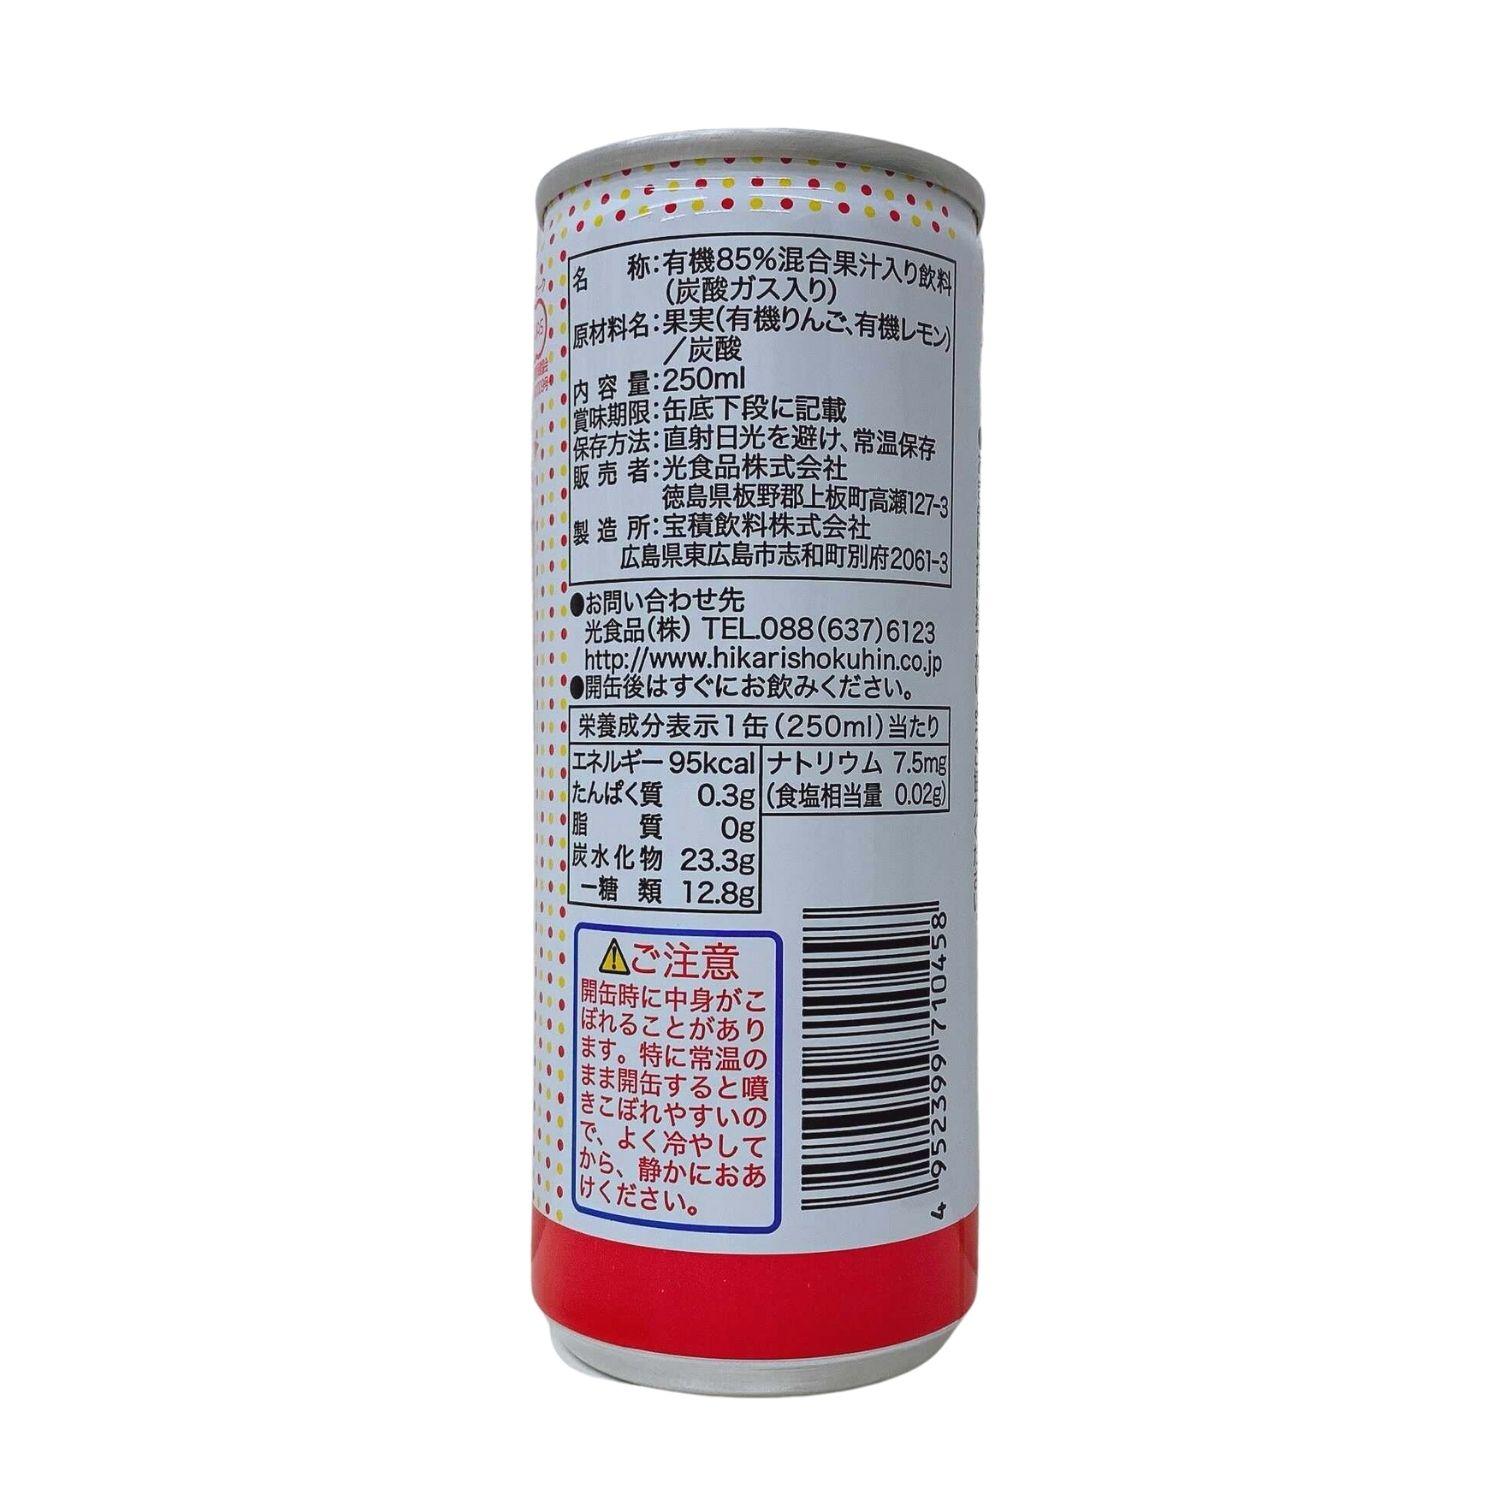 有機アップルサイダー+レモン(250ml)